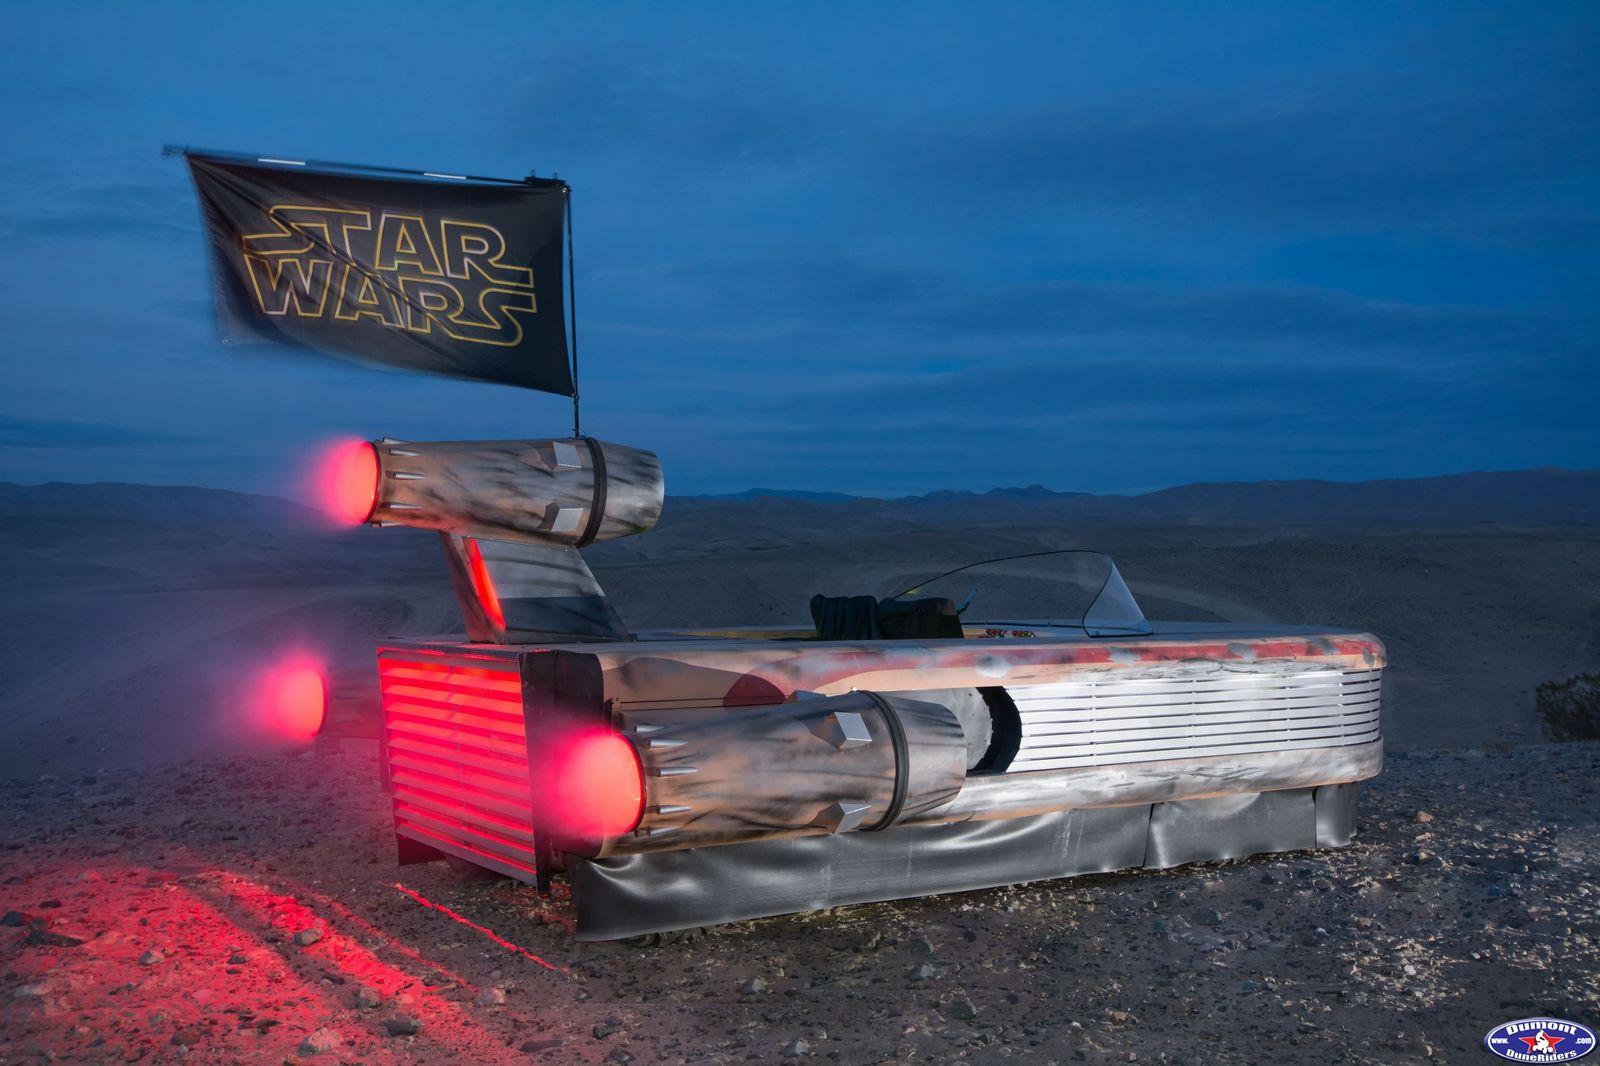 Star Wars Landspeeder RZR